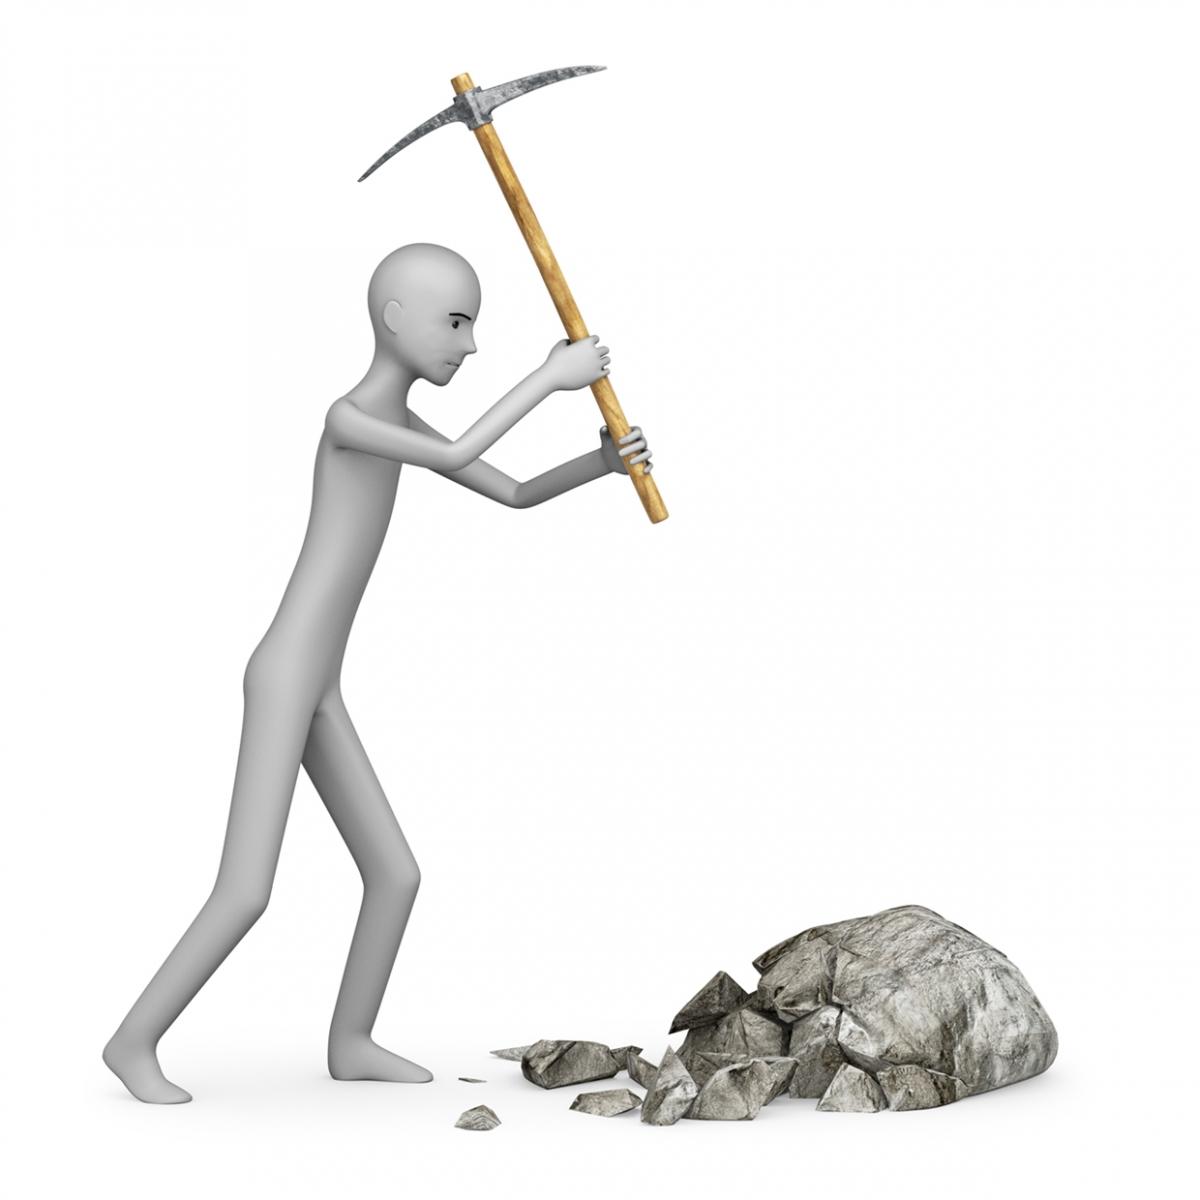 Imagen en la que se ve una persona golpeando una piedra con un pico